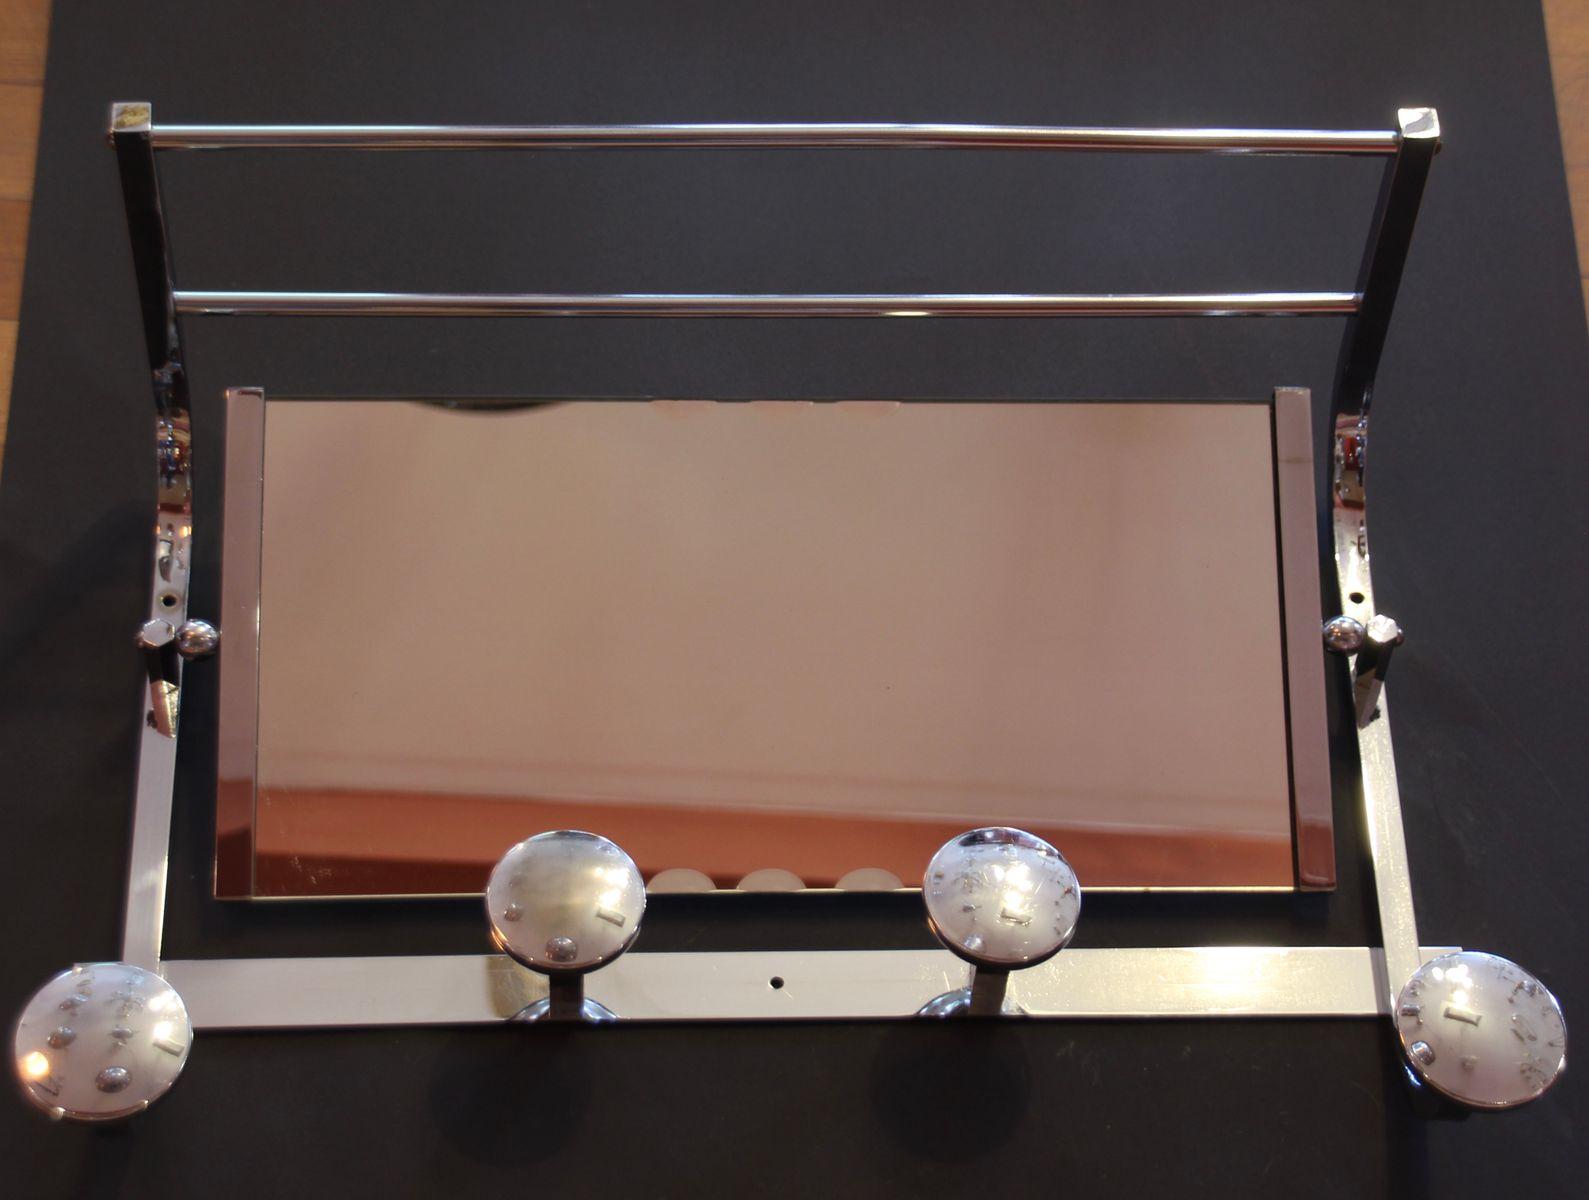 Französische Art Deco Garderobe aus Chrom mit Spiegel, 1930er   Flur & Diele > Spiegel > Garderobenspiegel   Silber